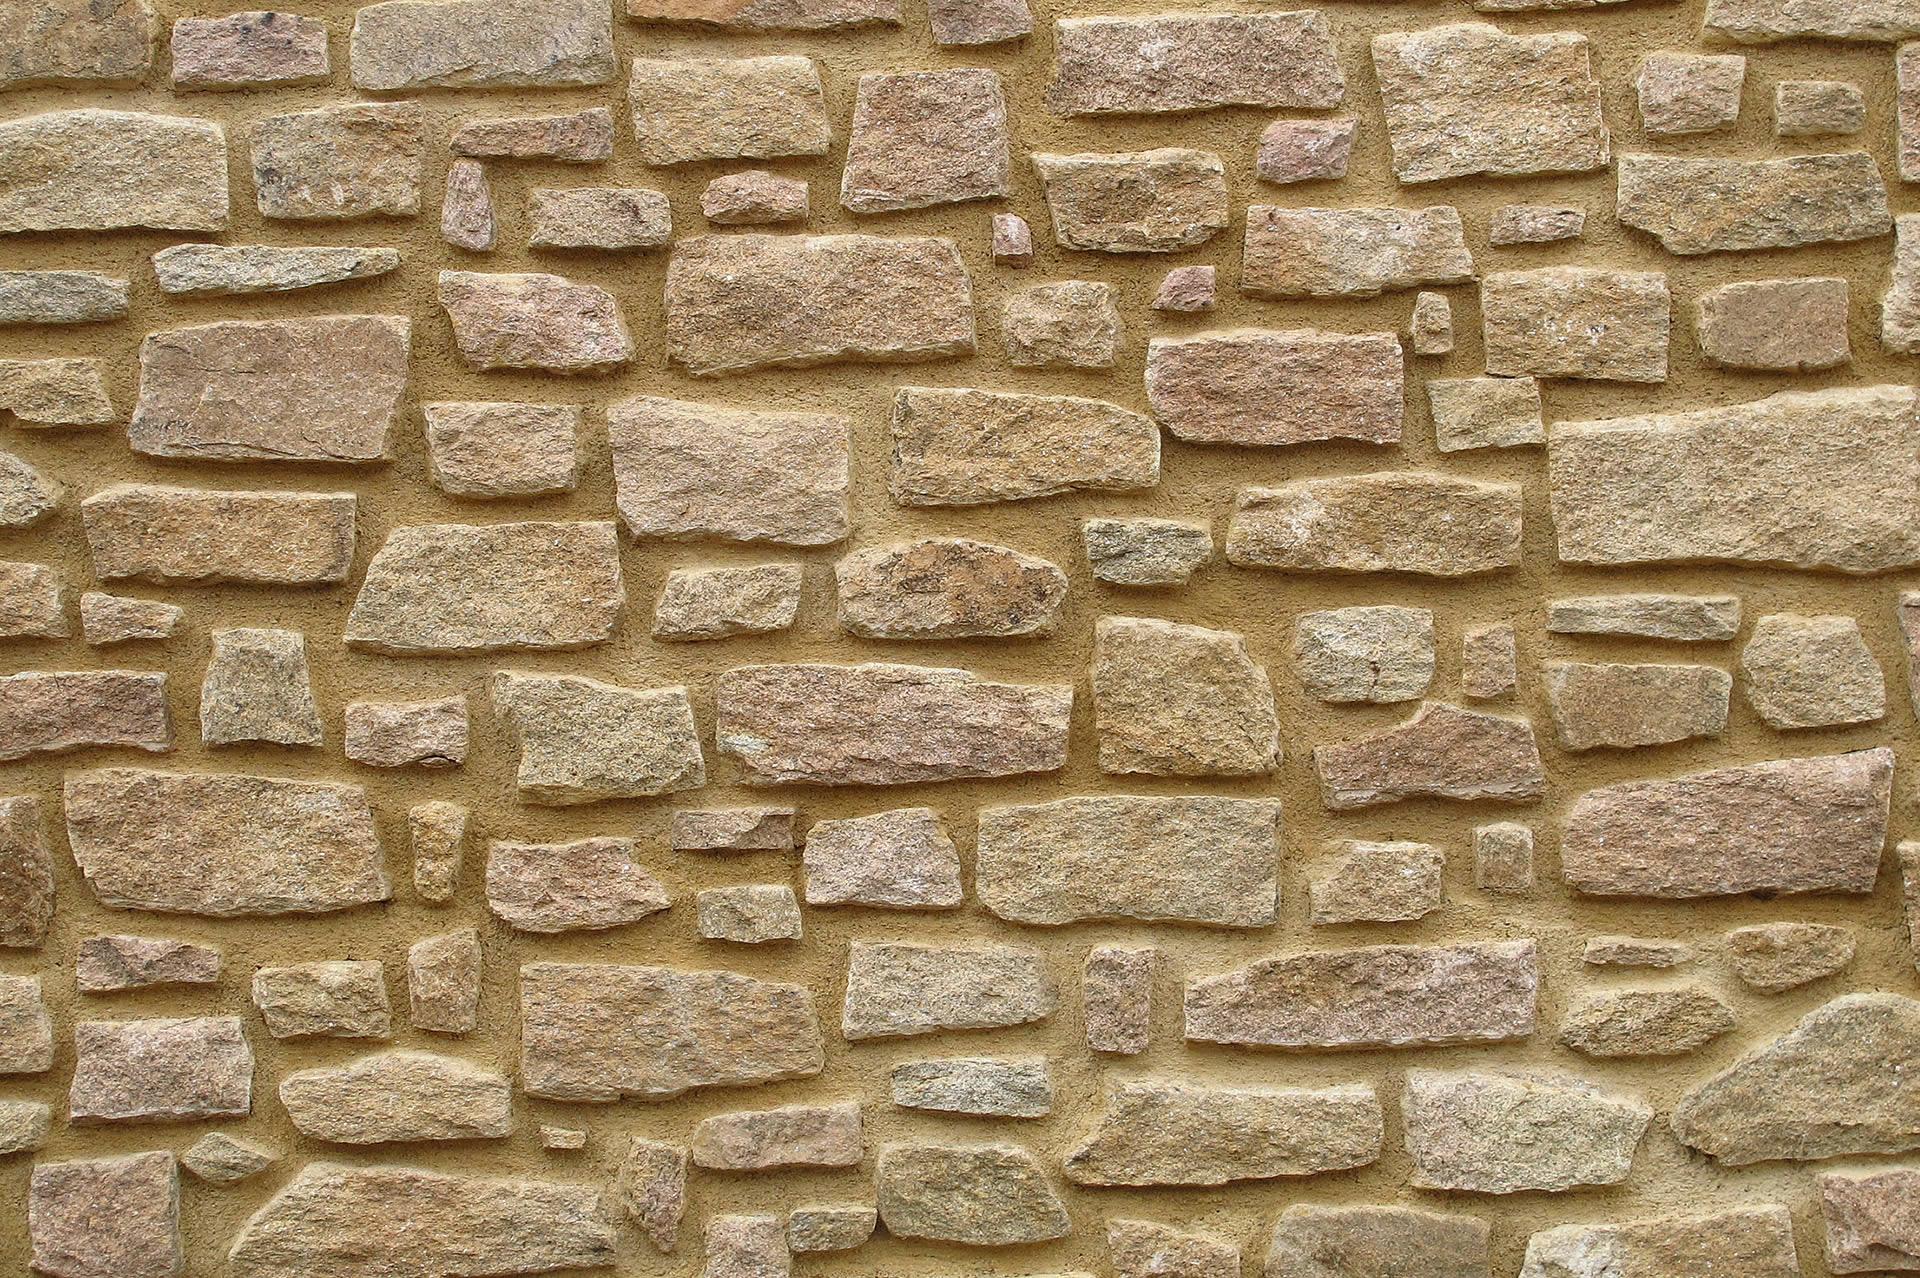 Construcci n de muros y fachadas de piedra arteroca - Muros de piedra ...